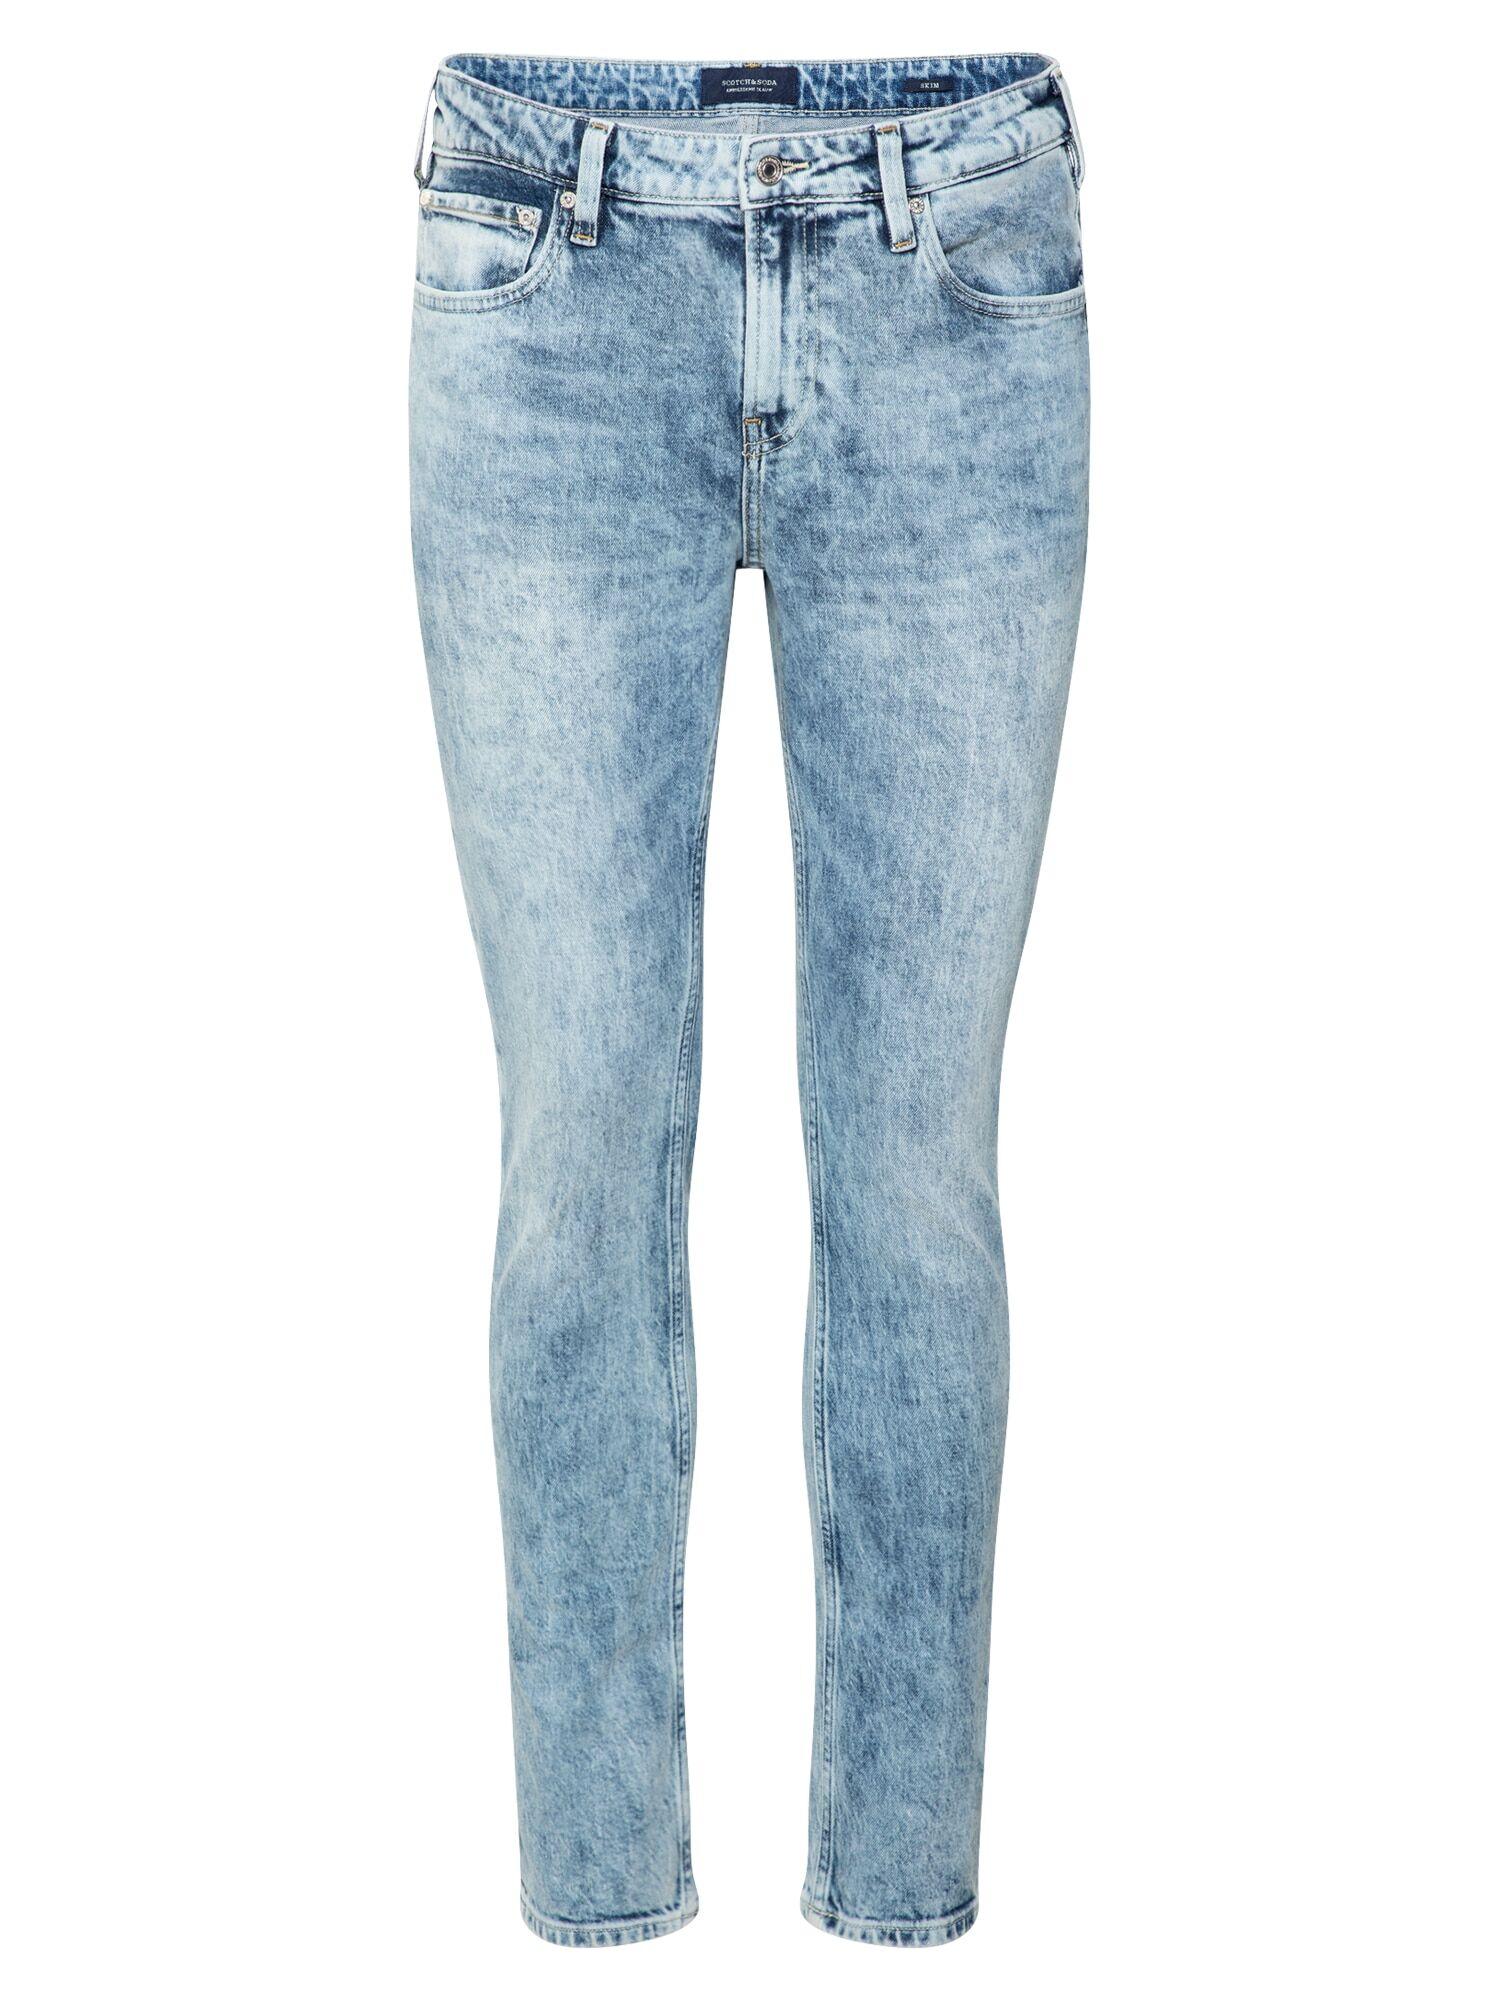 SCOTCH & SODA Jean 'Timeworn'  - Bleu - Taille: 30 - male